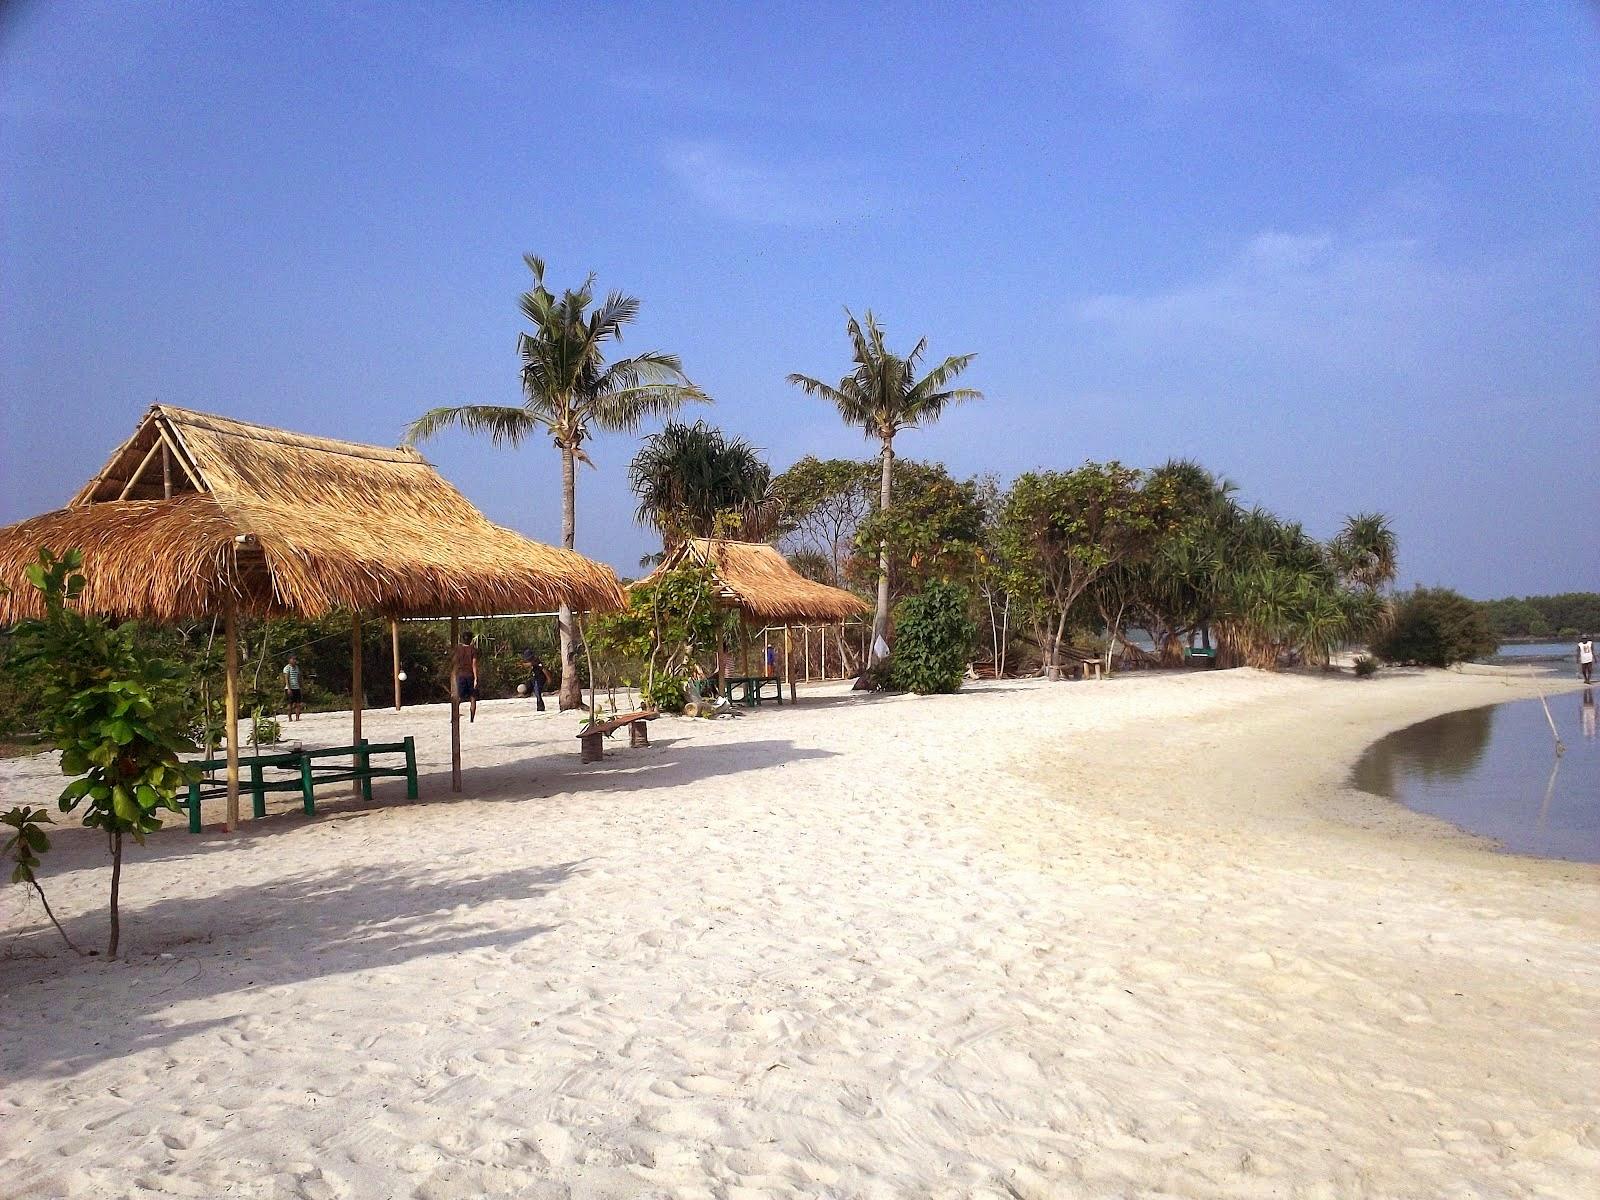 tempat wisata pantai pulau seribu